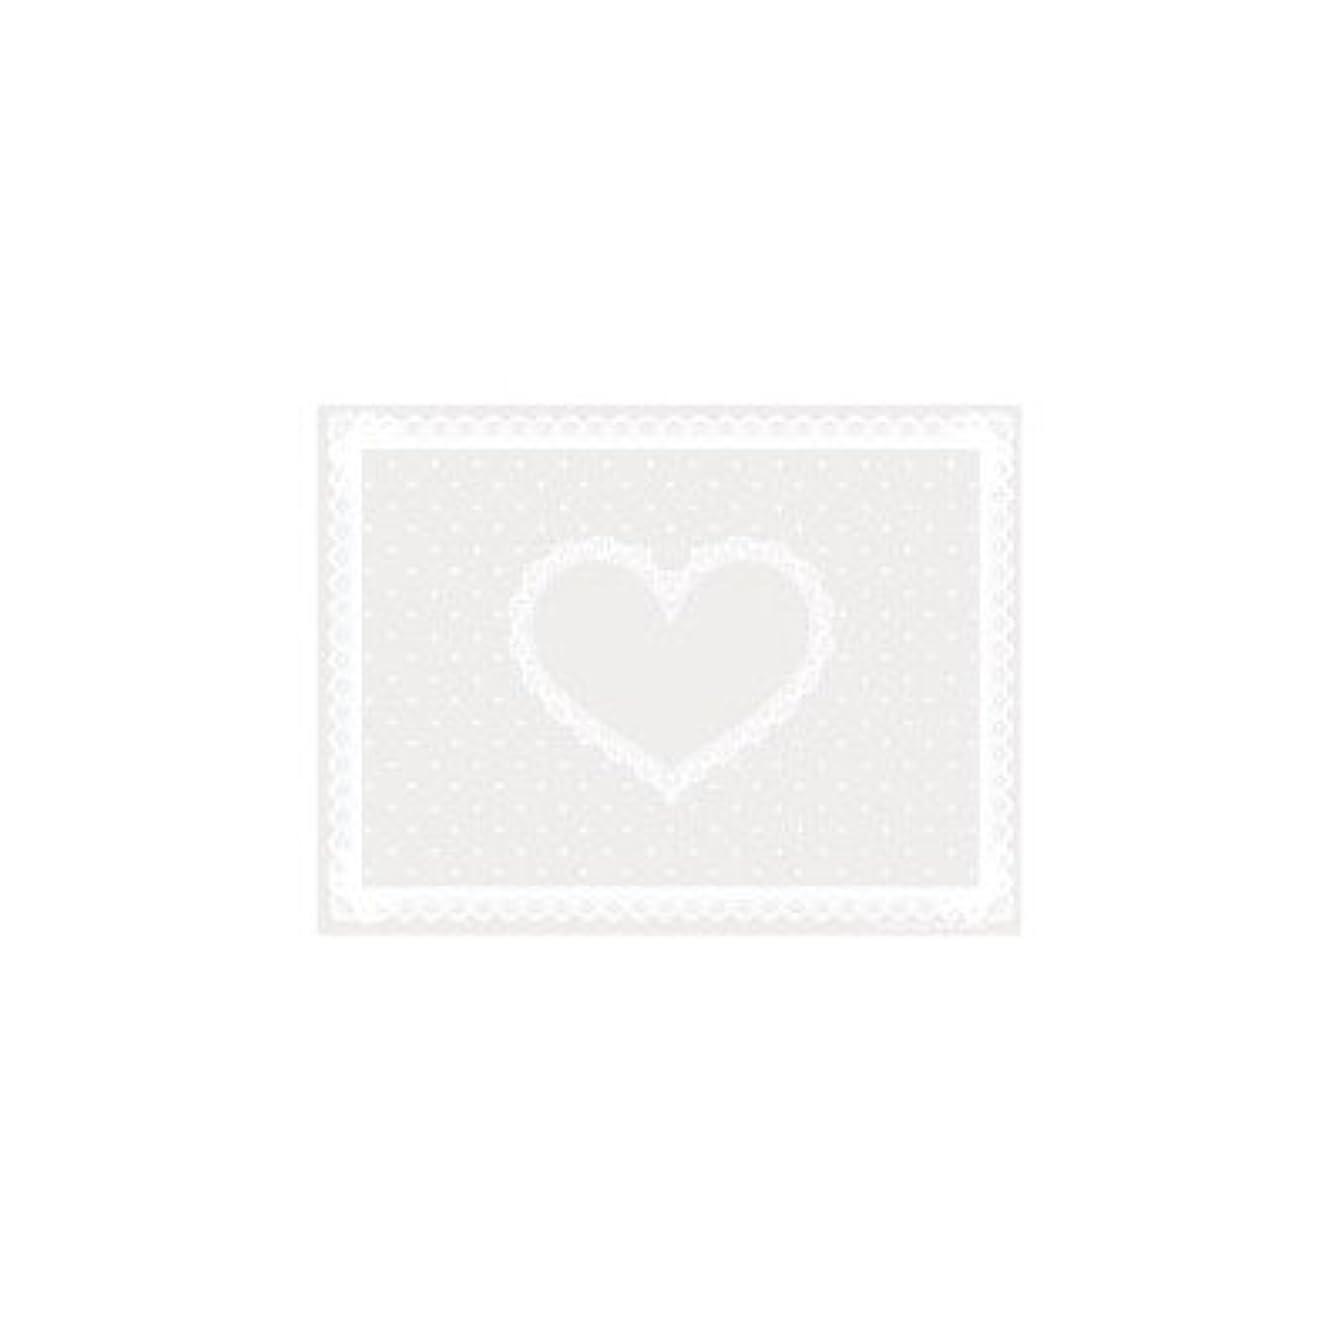 モンキー電気技師劇的シリコン ネイルマット ホワイト ミニサイズ